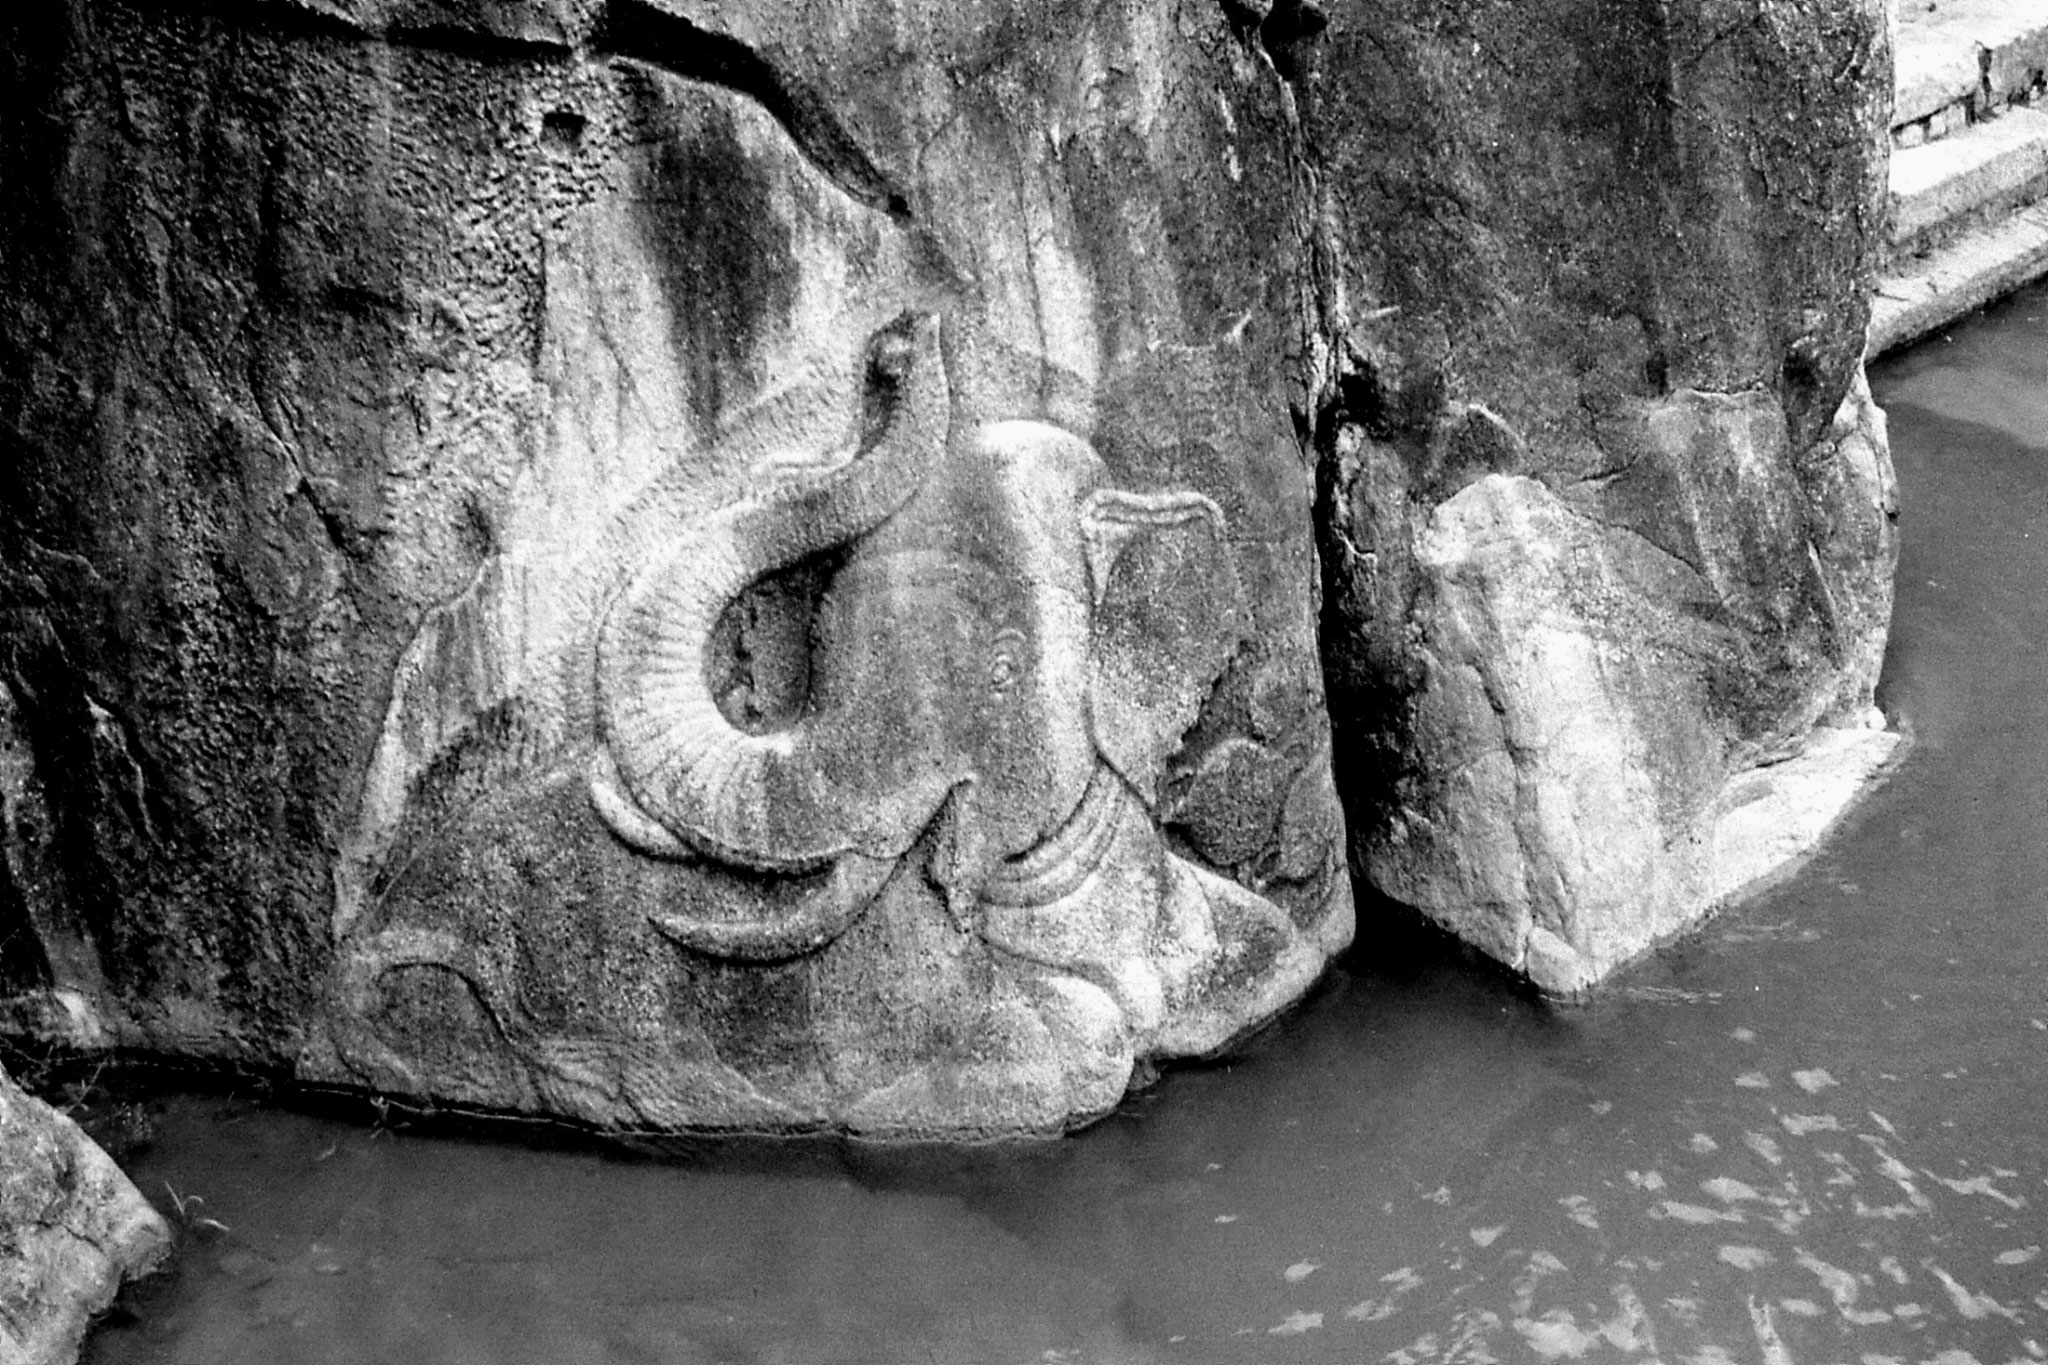 9/2/90: 29: Anuradhapura